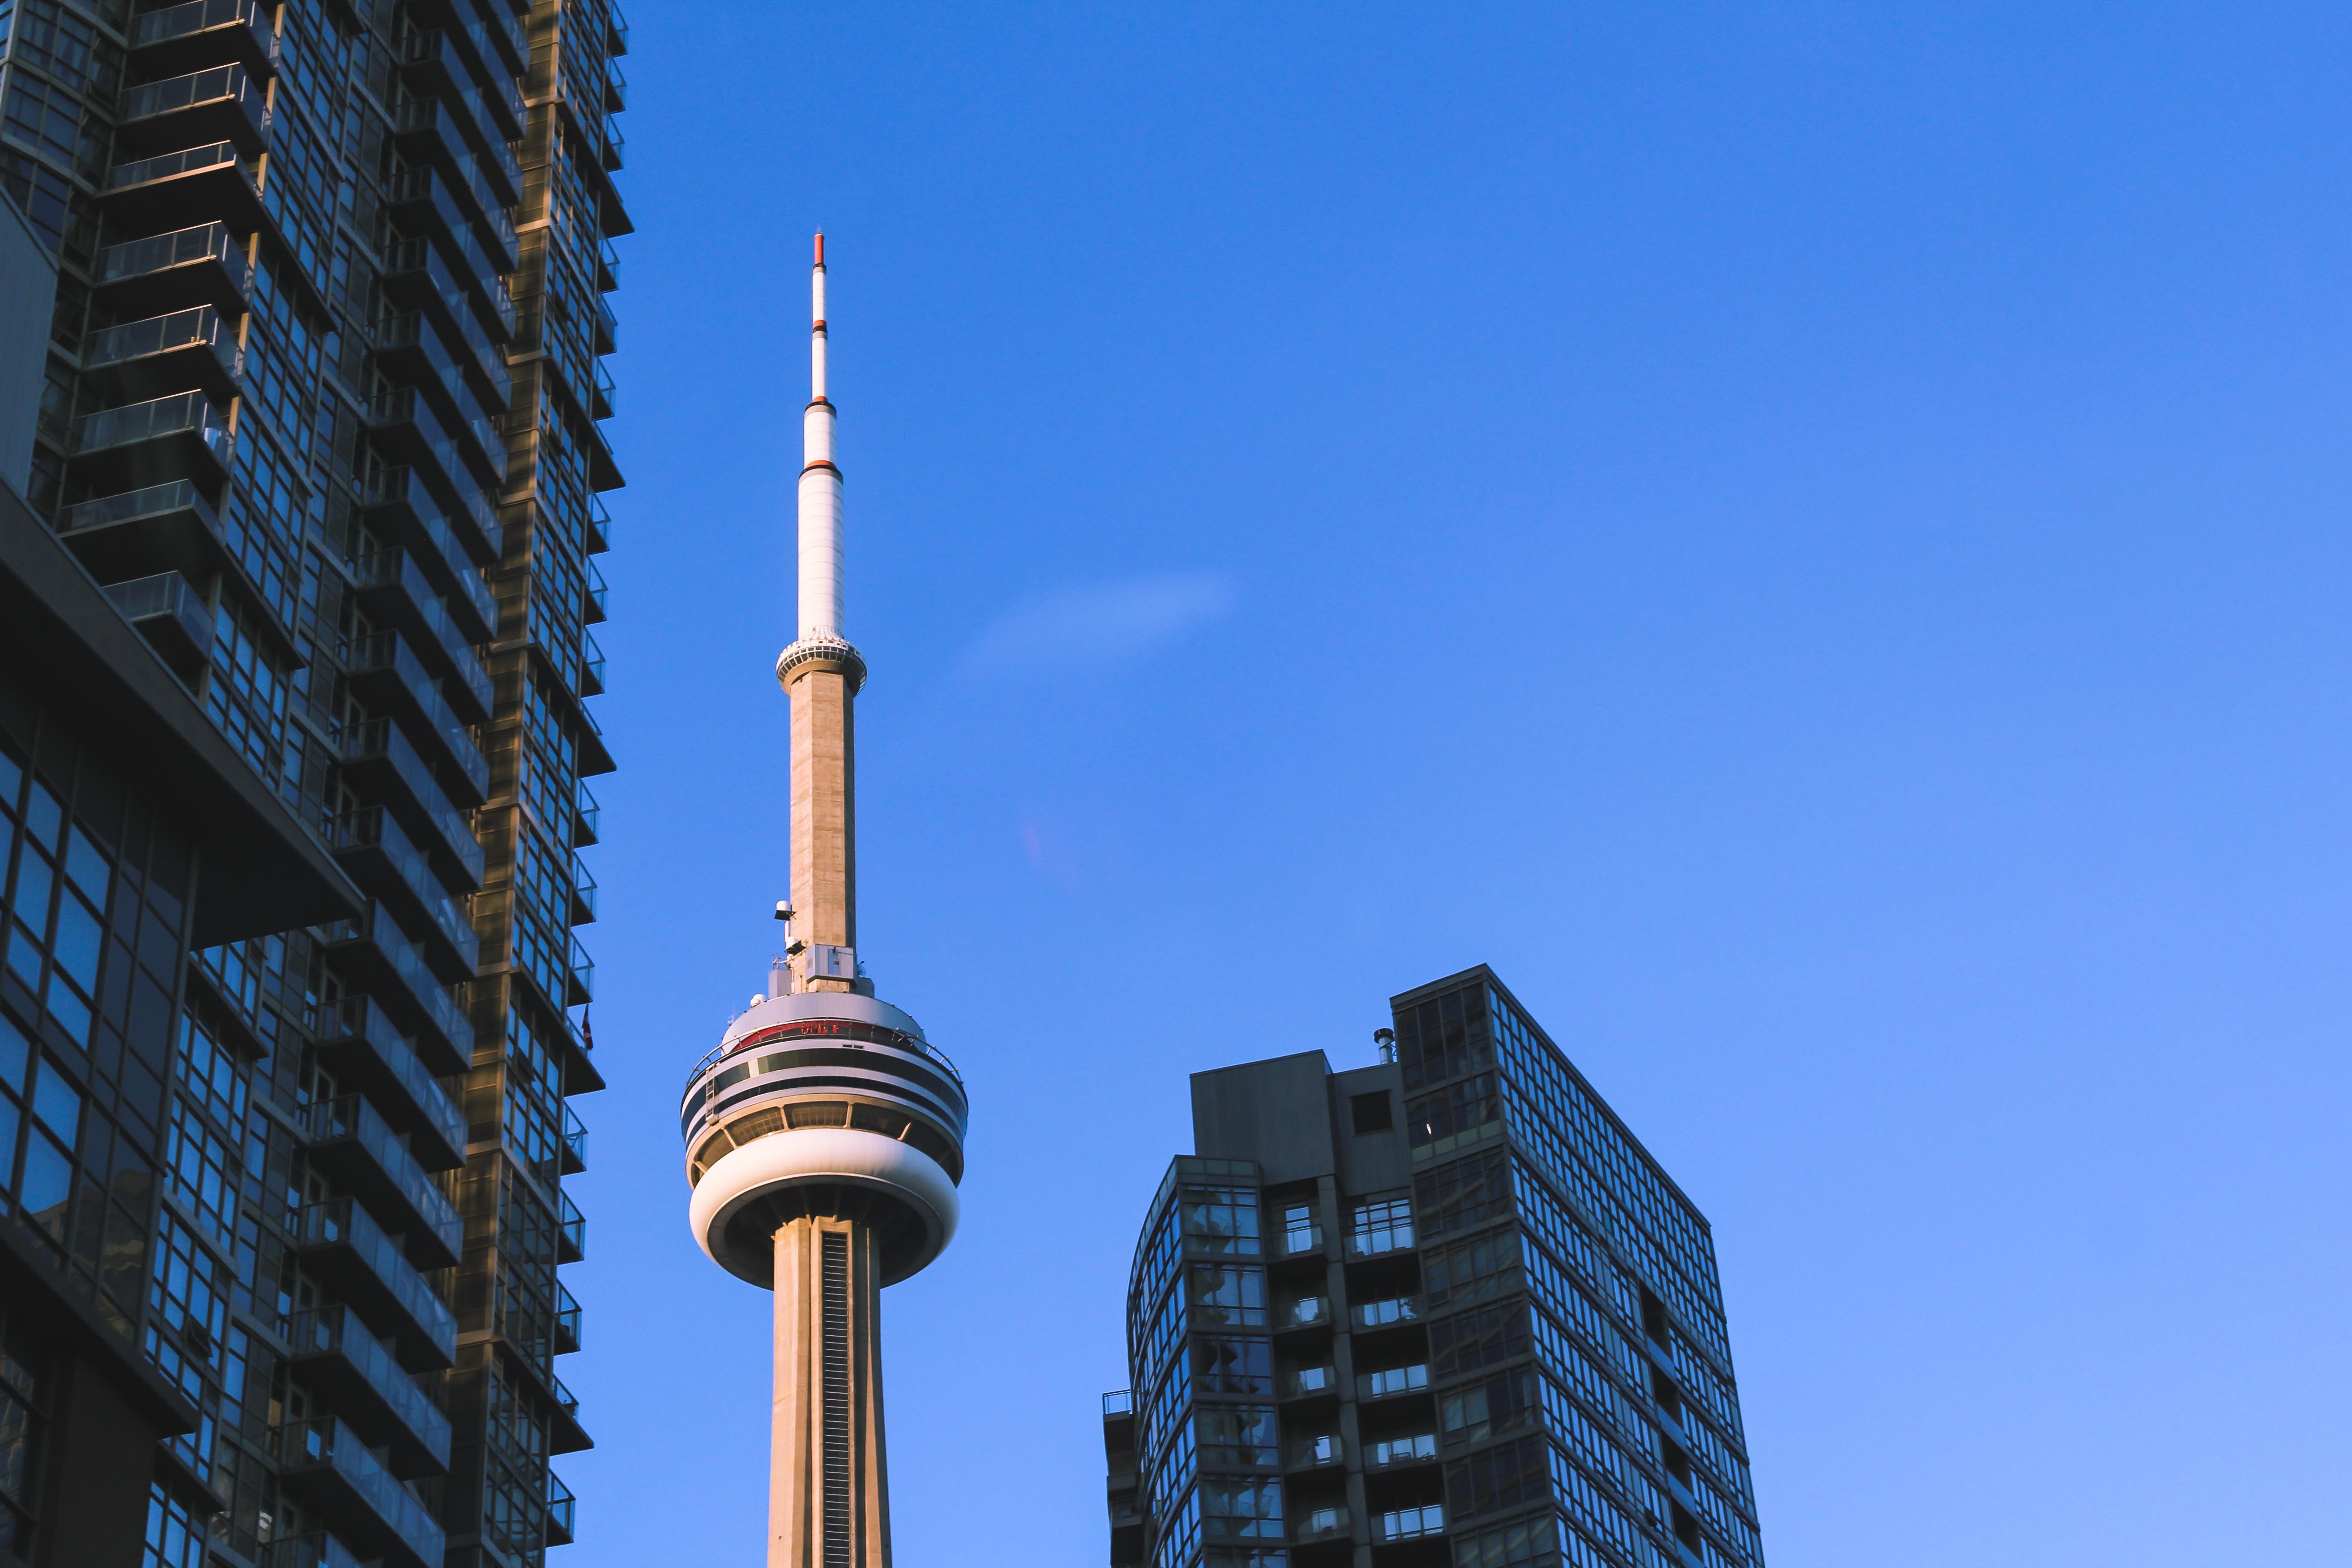 The National Tour Toronto